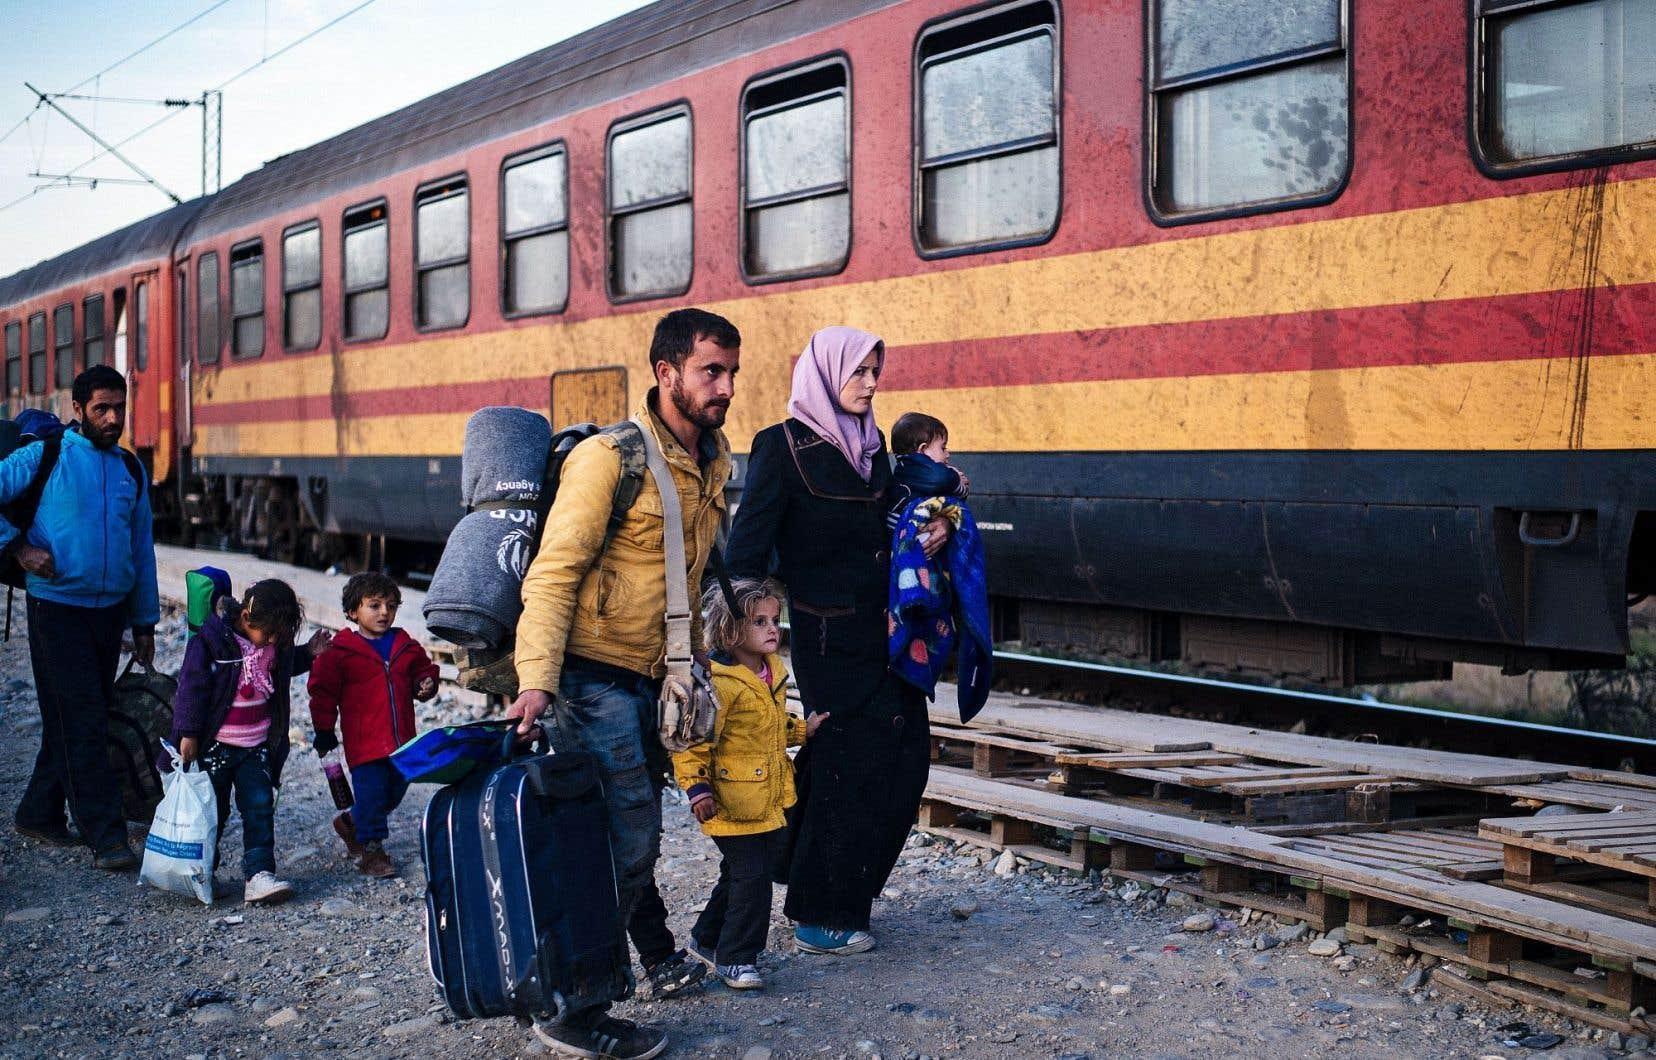 Une famille de migrants s'apprête à embarquer à bord d'un train à Gevgelija, en Macédoine, en direction de la Serbie.